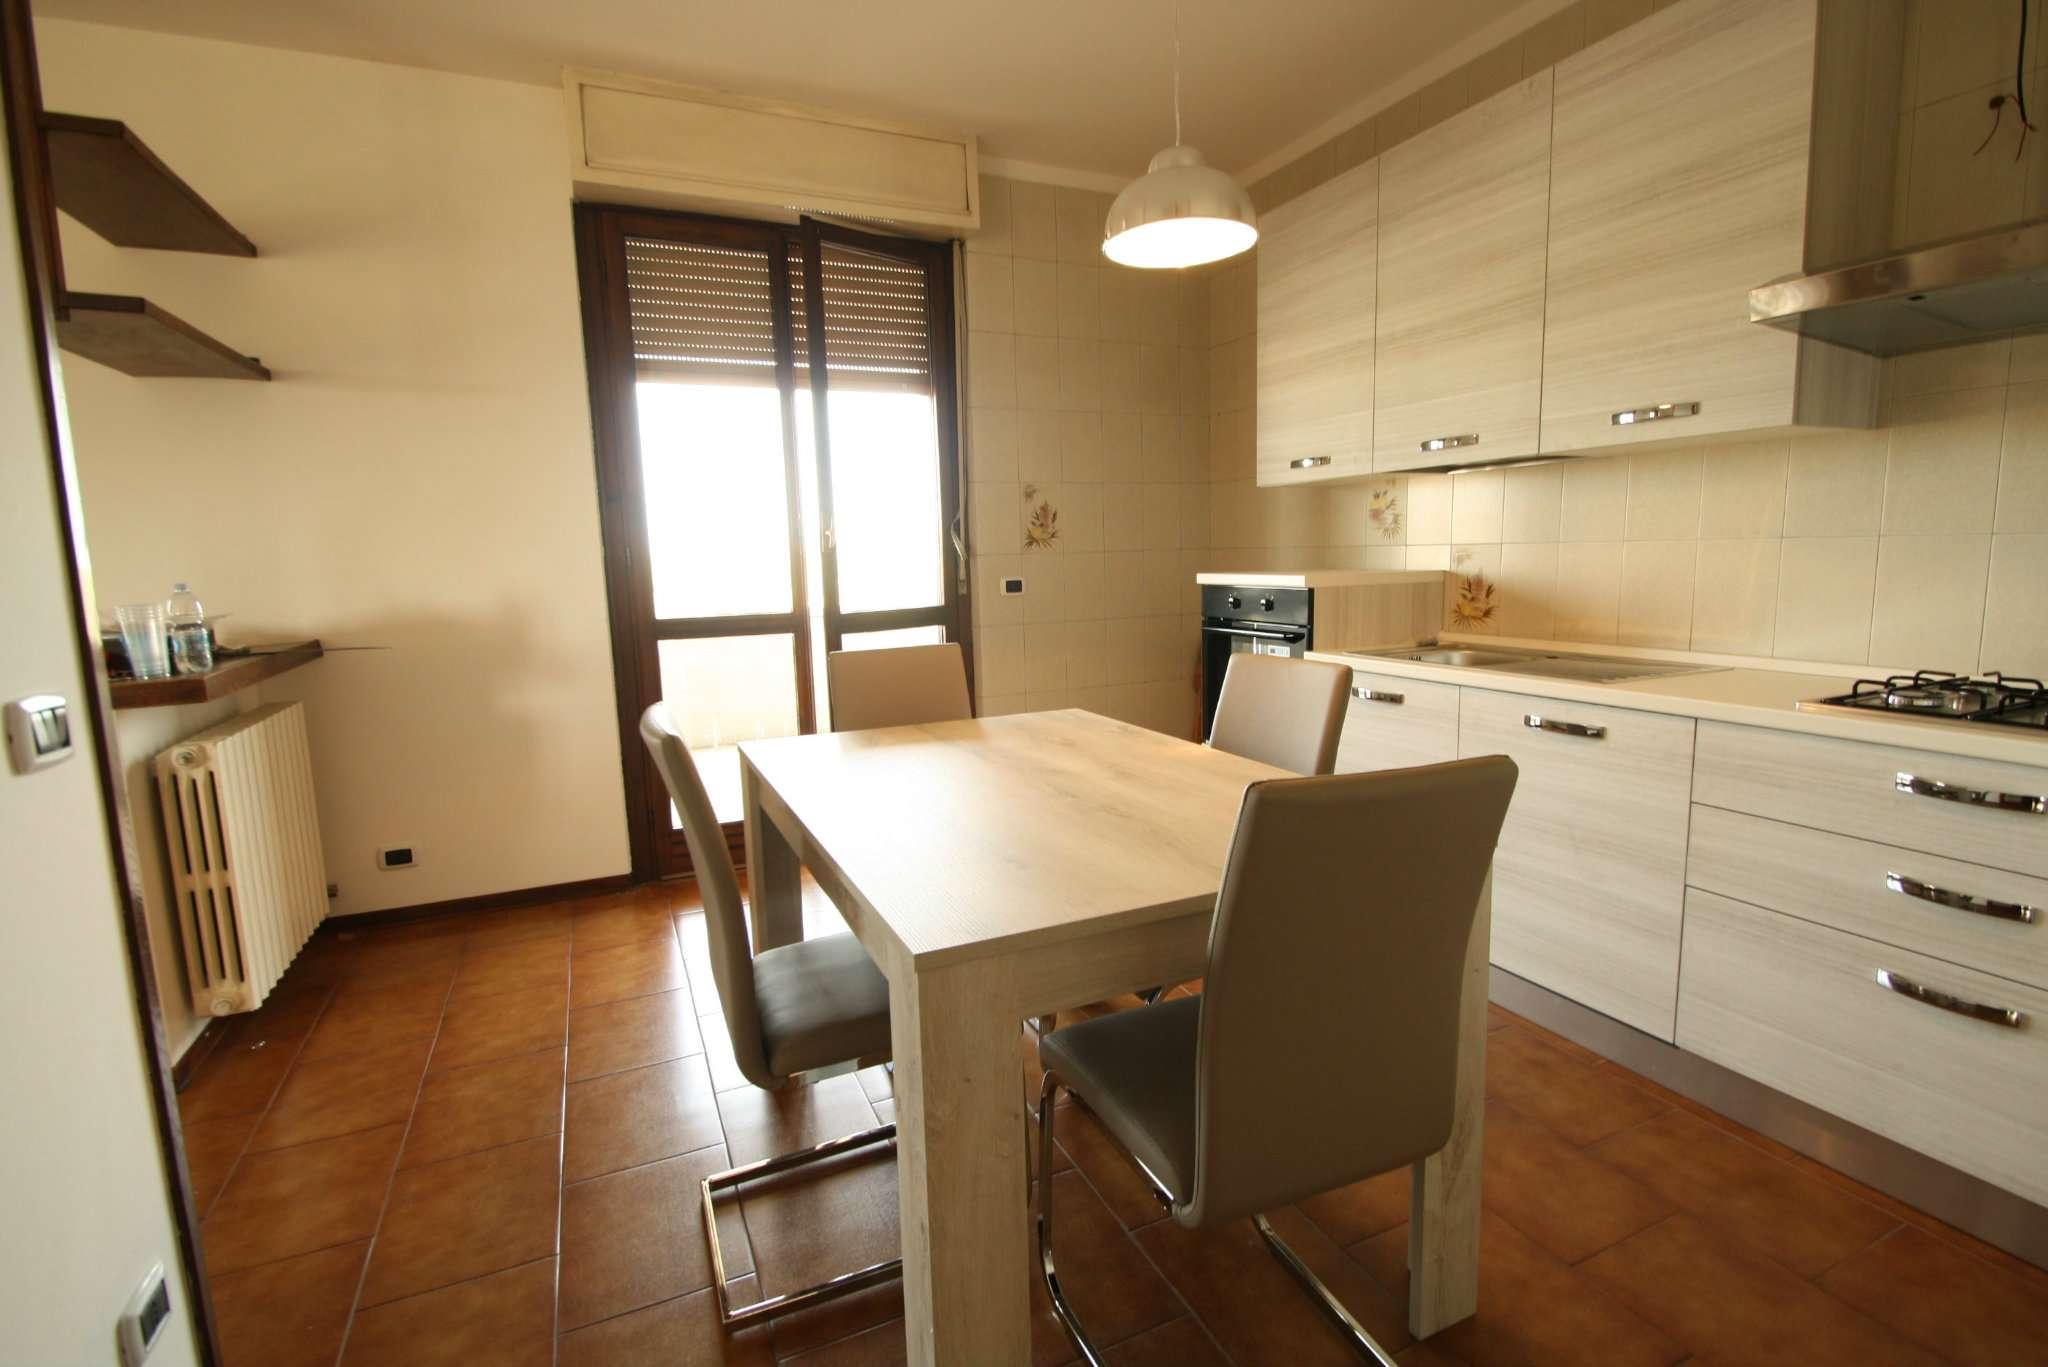 Appartamento in affitto a Verona, 5 locali, zona Zona: 11 . Santa Lucia - Golosine, prezzo € 870 | CambioCasa.it